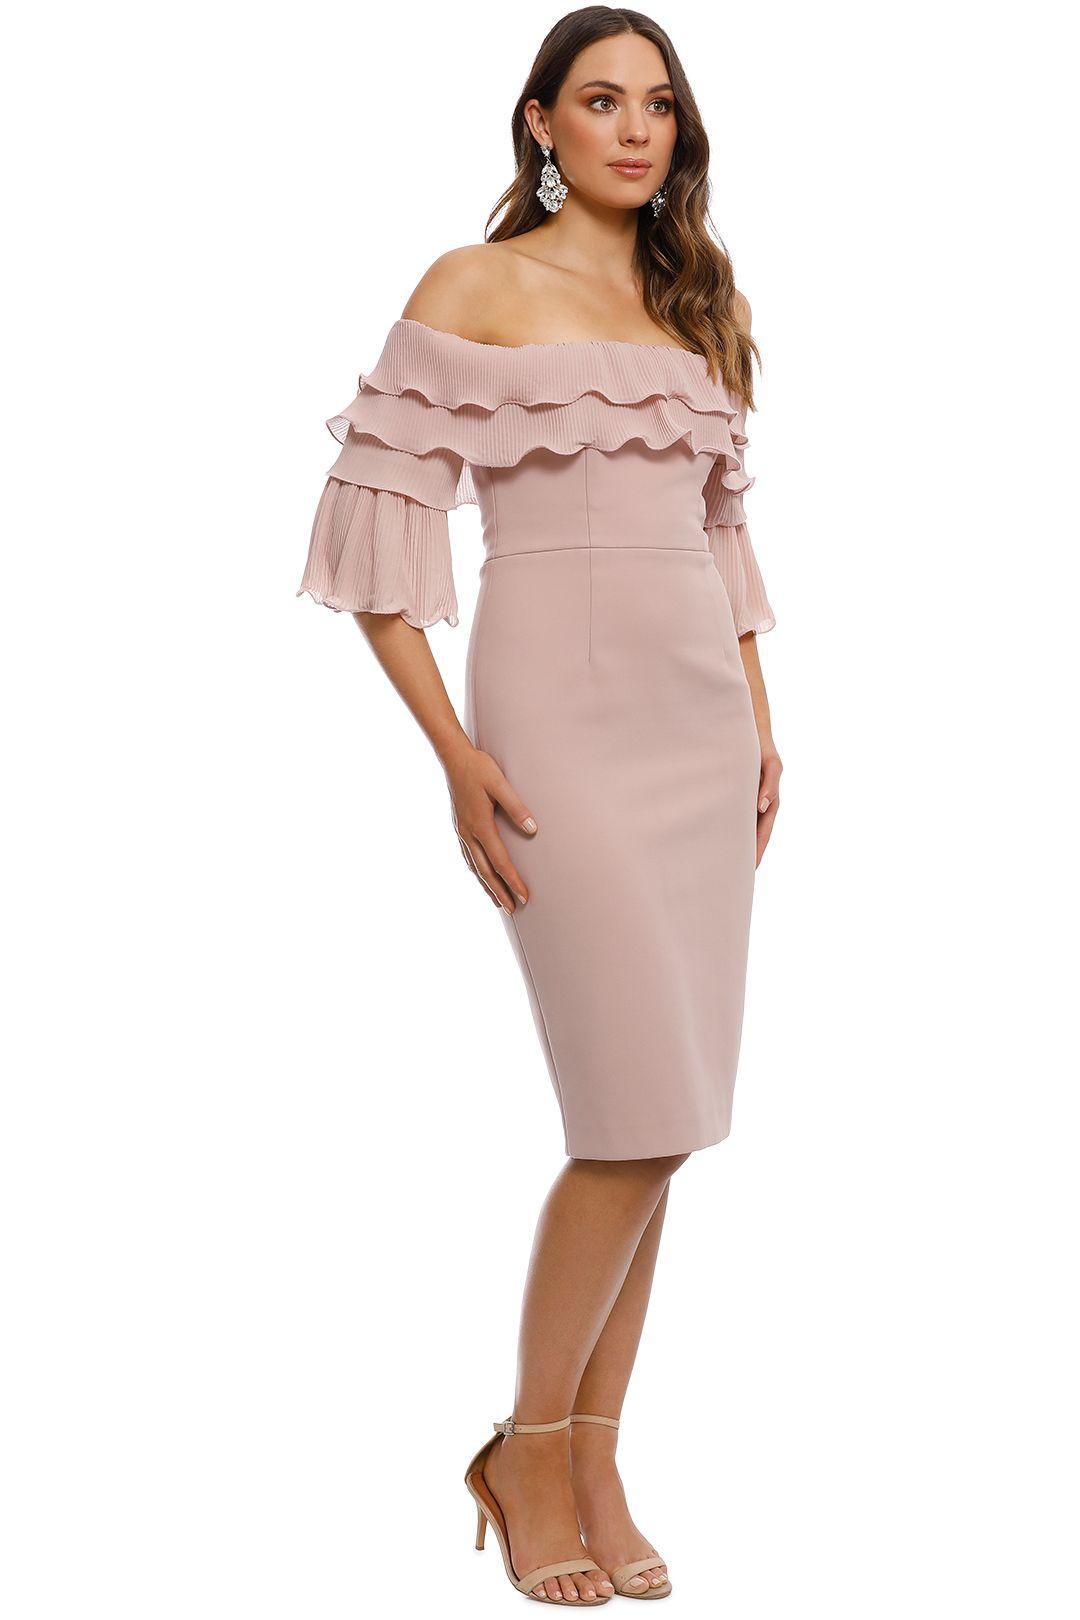 Talulah - Walk On By Off Shoulder Midi Dress - Blush - Side